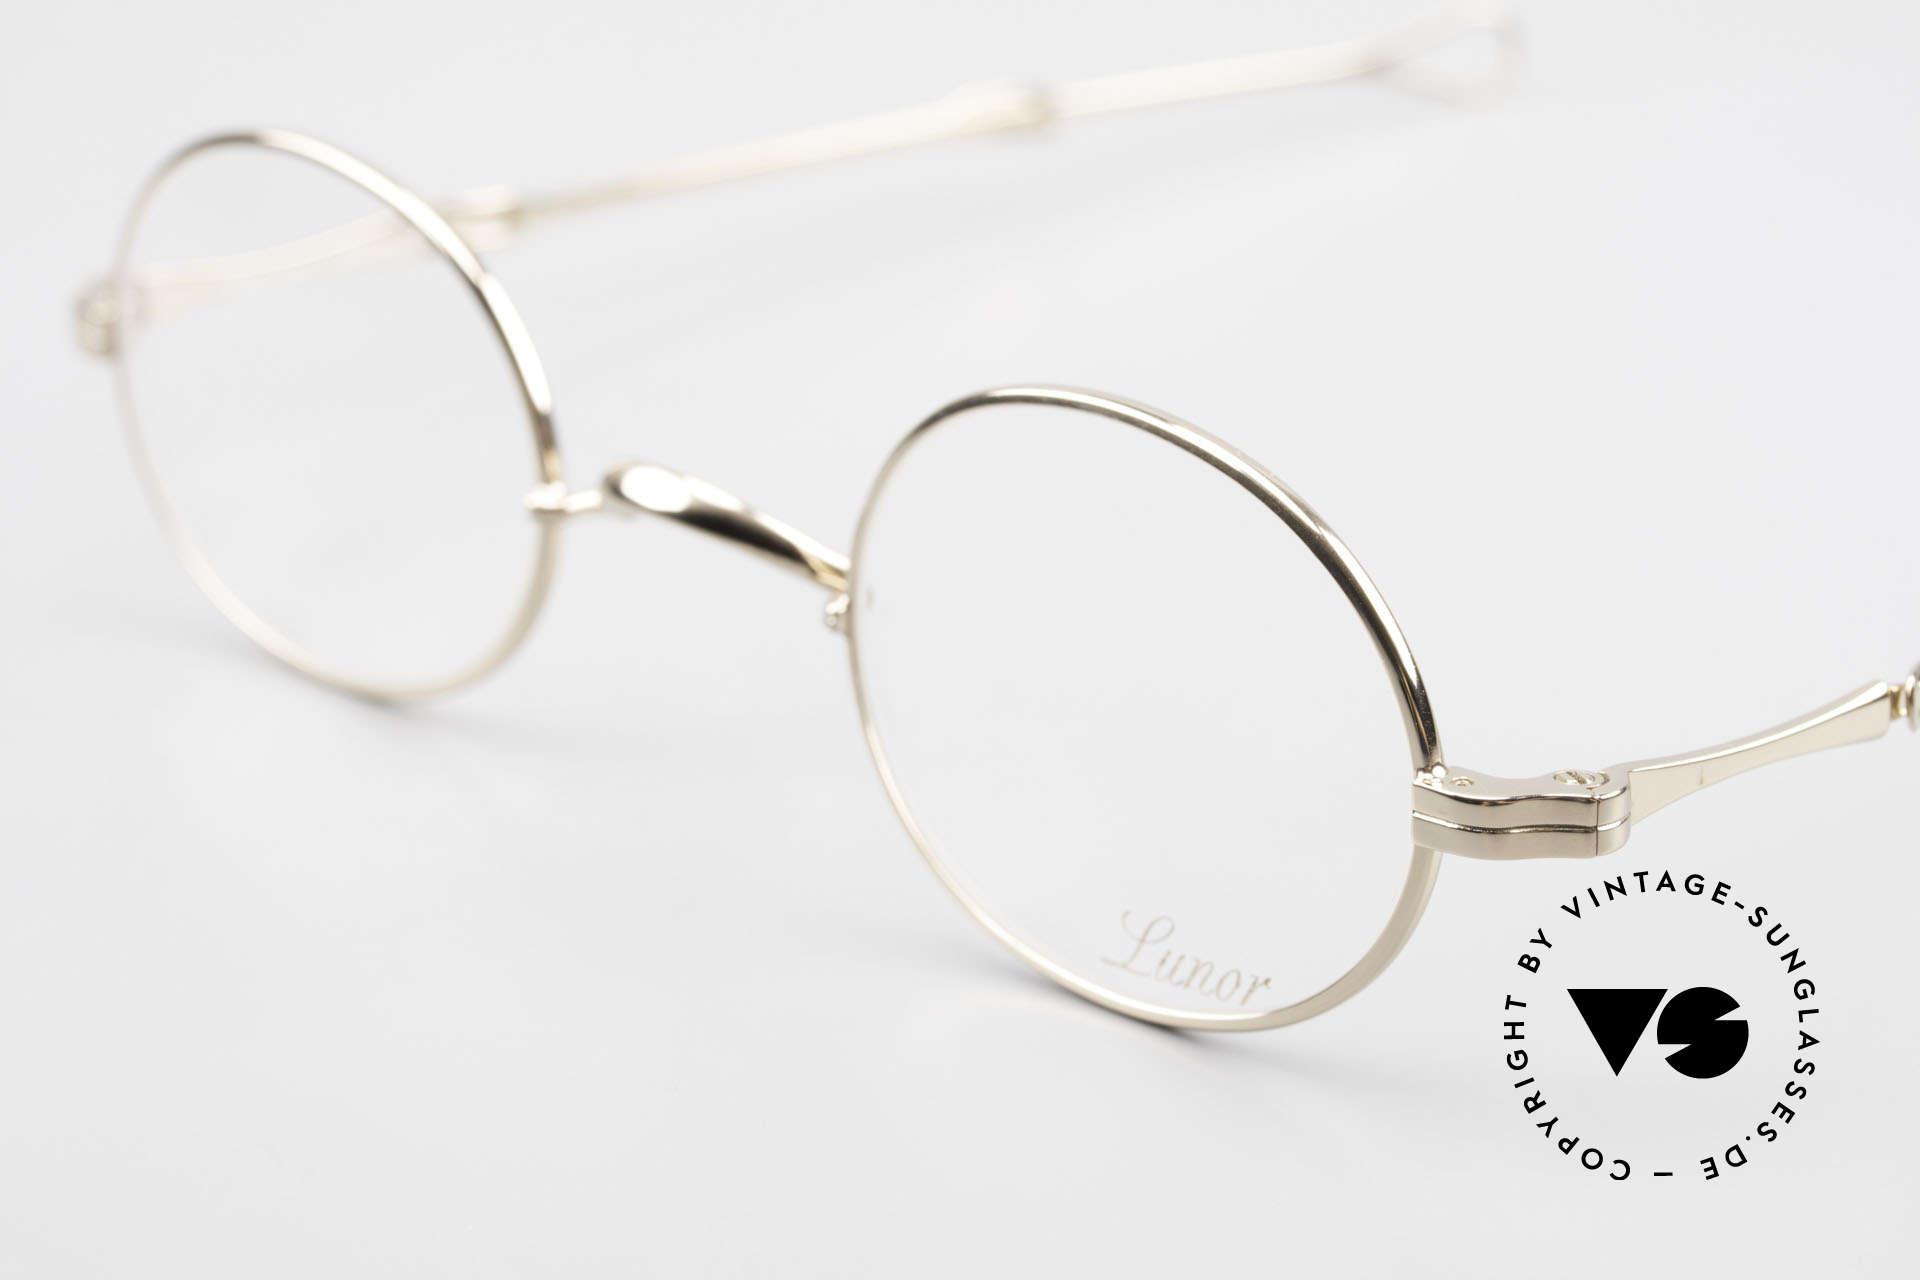 Lunor I 10 Telescopic Lunor Brille Oval Teleskop, ausziehbare Brillenbügel (= teleskopartige Bügel), Passend für Herren und Damen